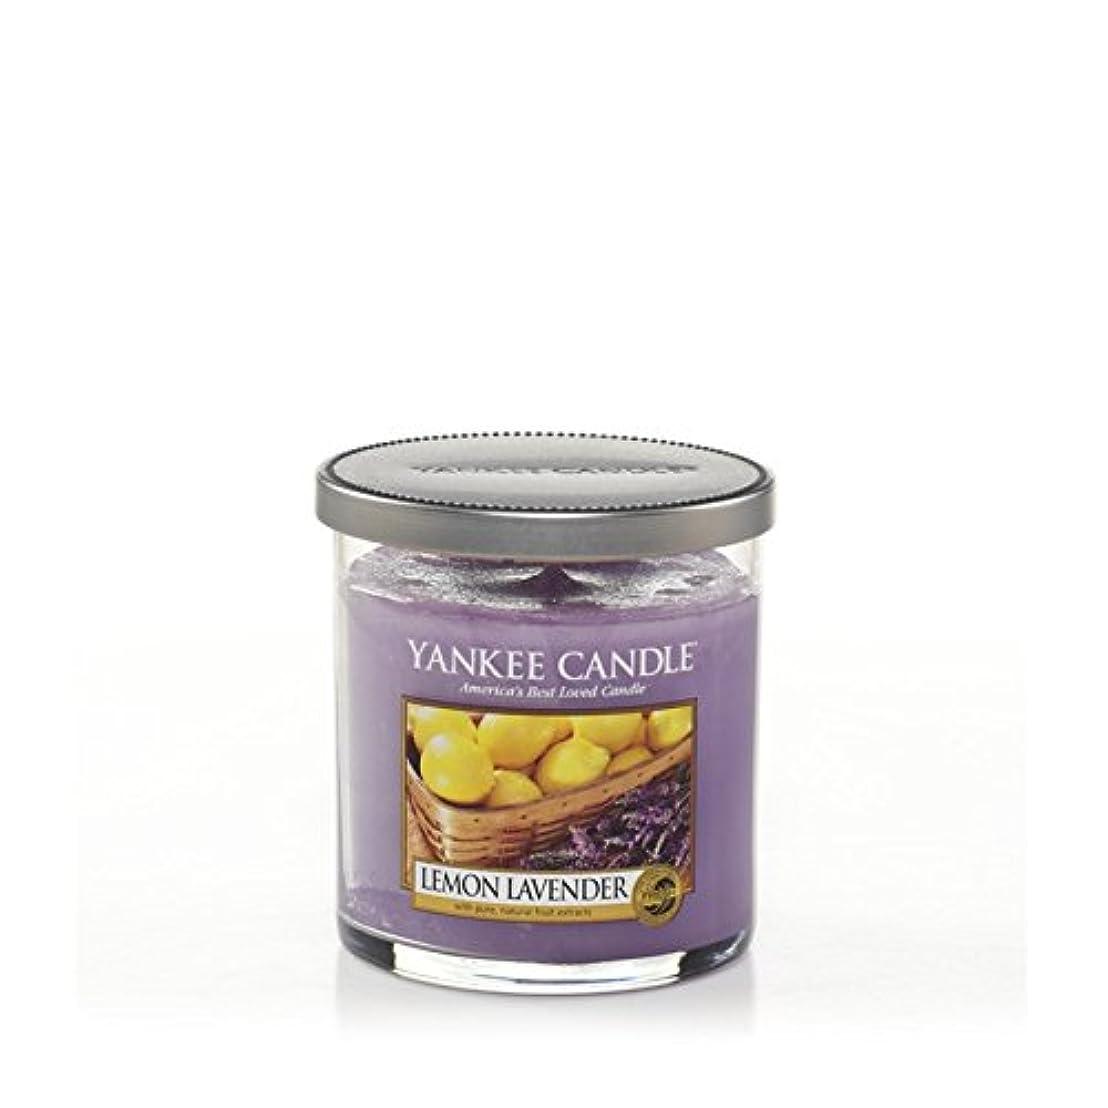 時期尚早ダイバーどうやってYankee Candles Small Pillar Candle - Lemon Lavender (Pack of 6) - ヤンキーキャンドルの小さな柱キャンドル - レモンラベンダー (x6) [並行輸入品]